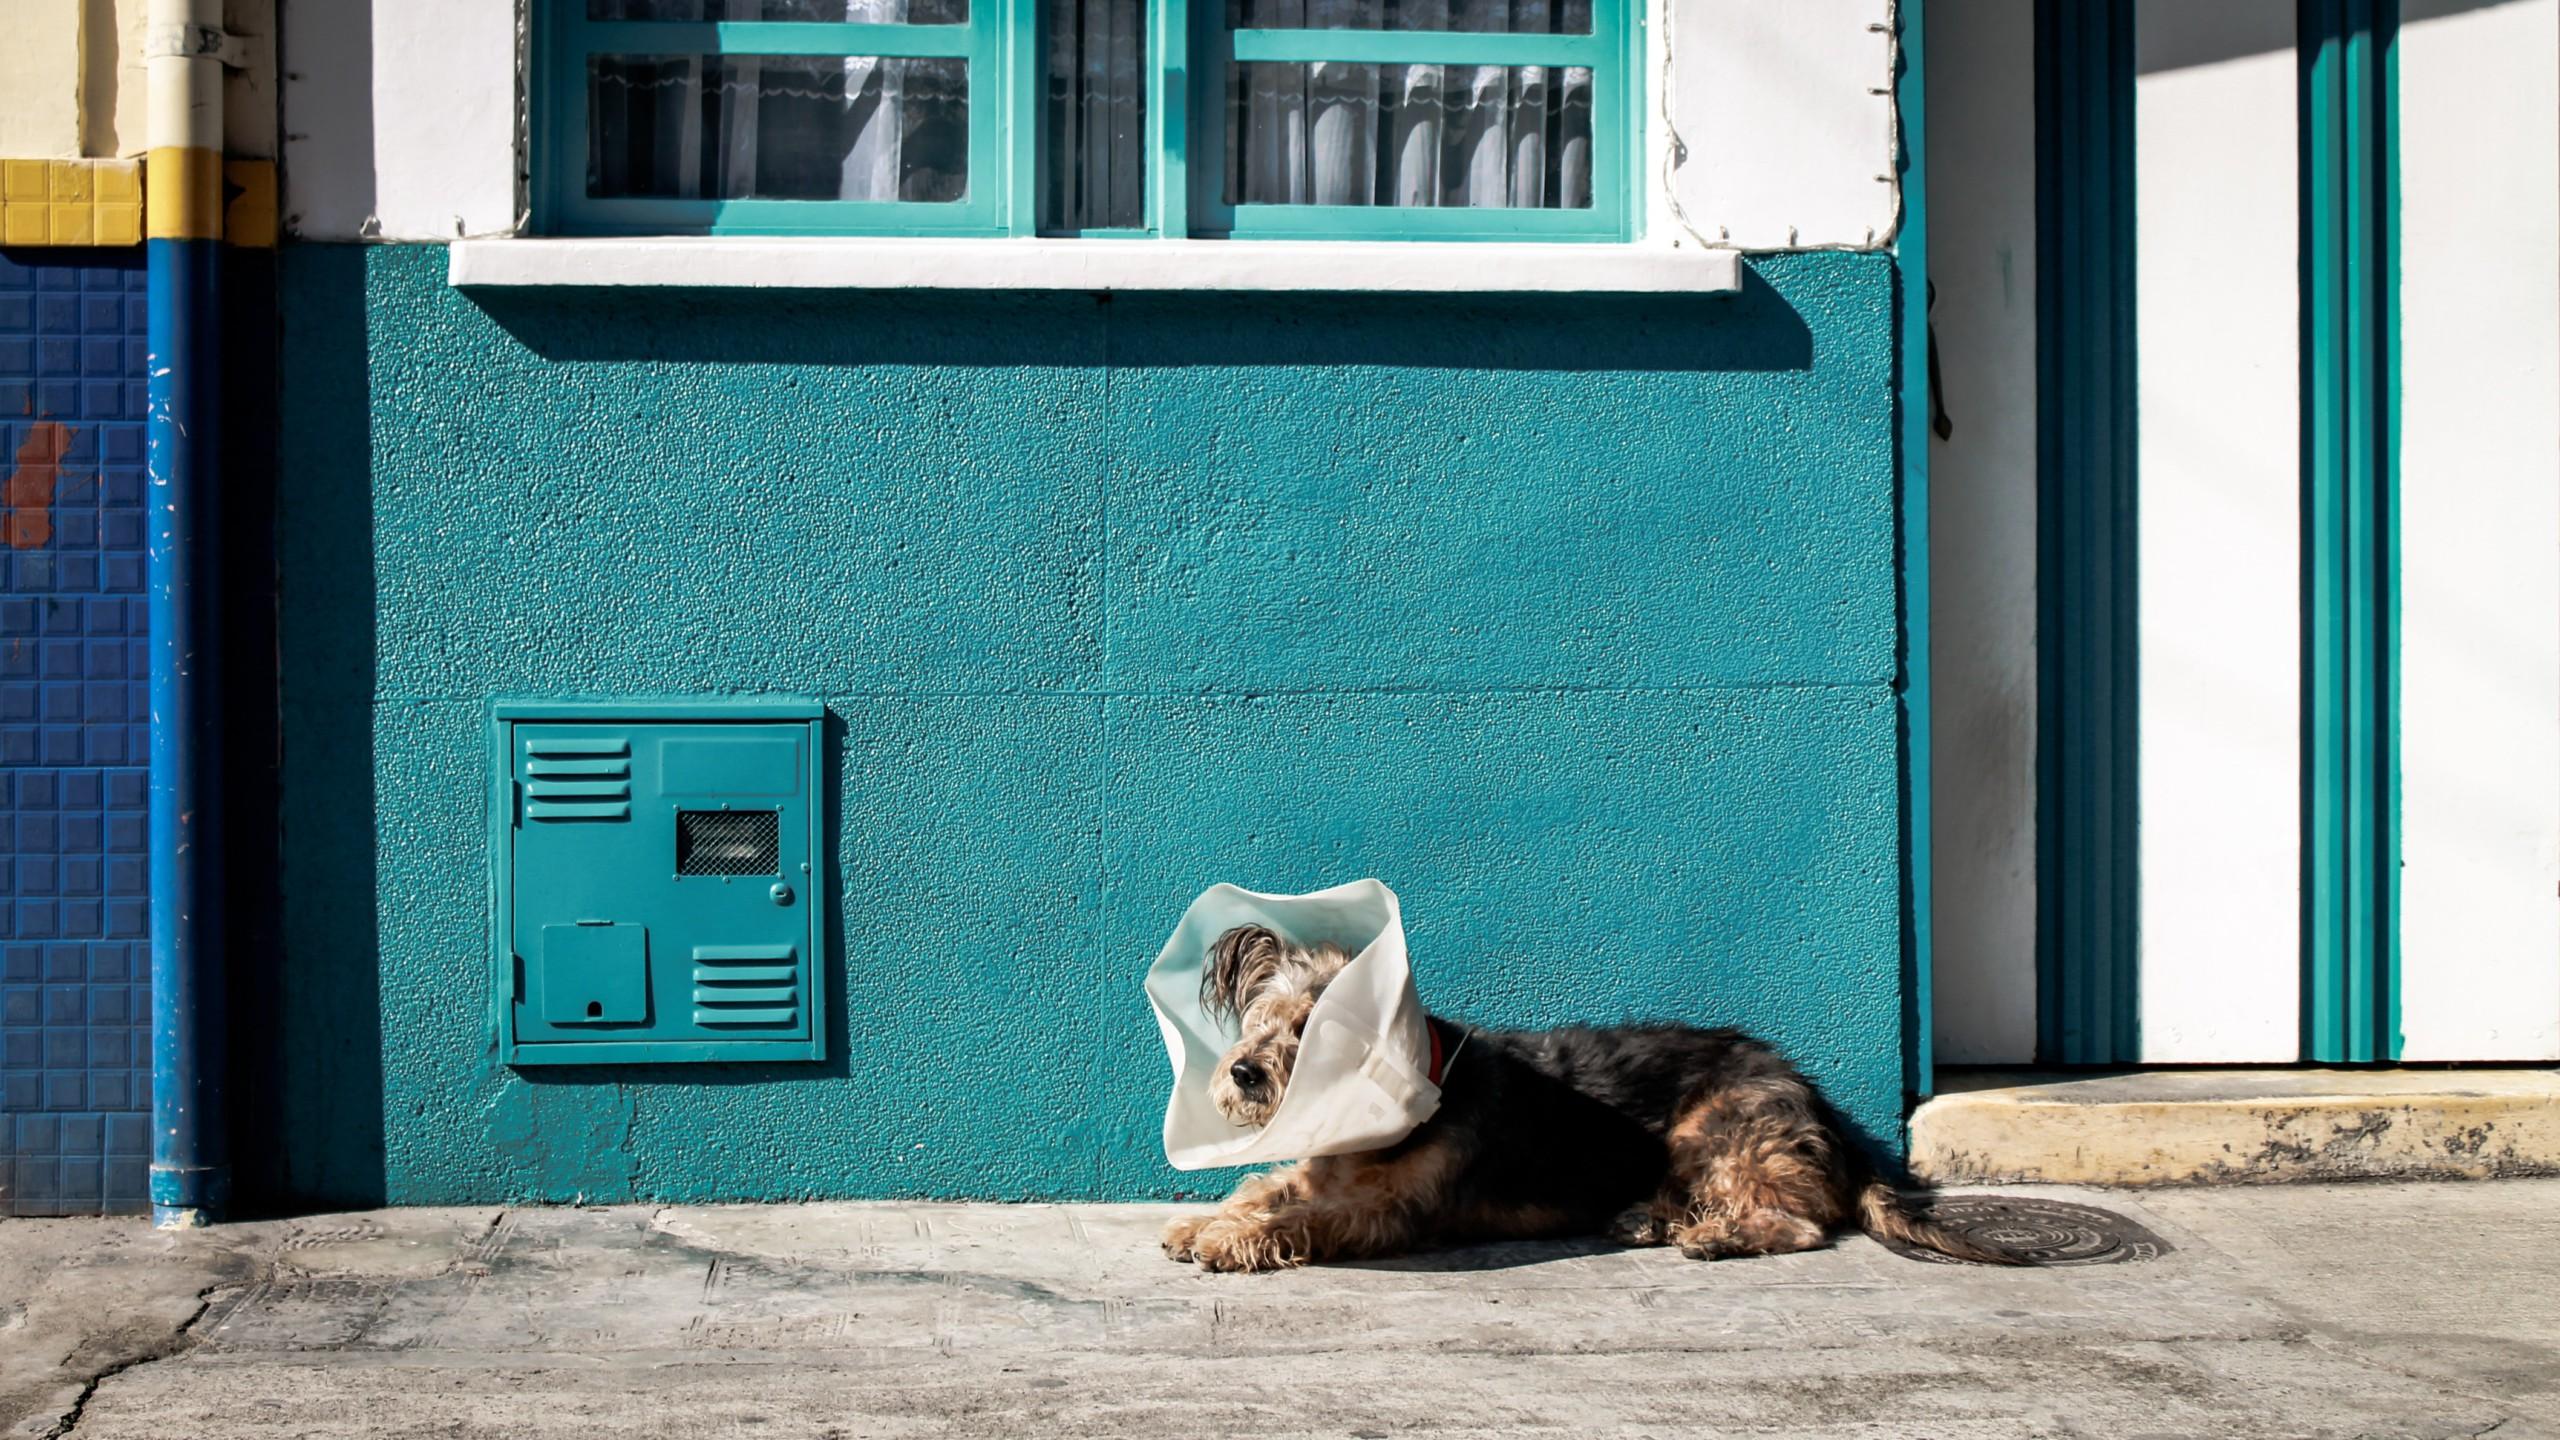 image of dog on street